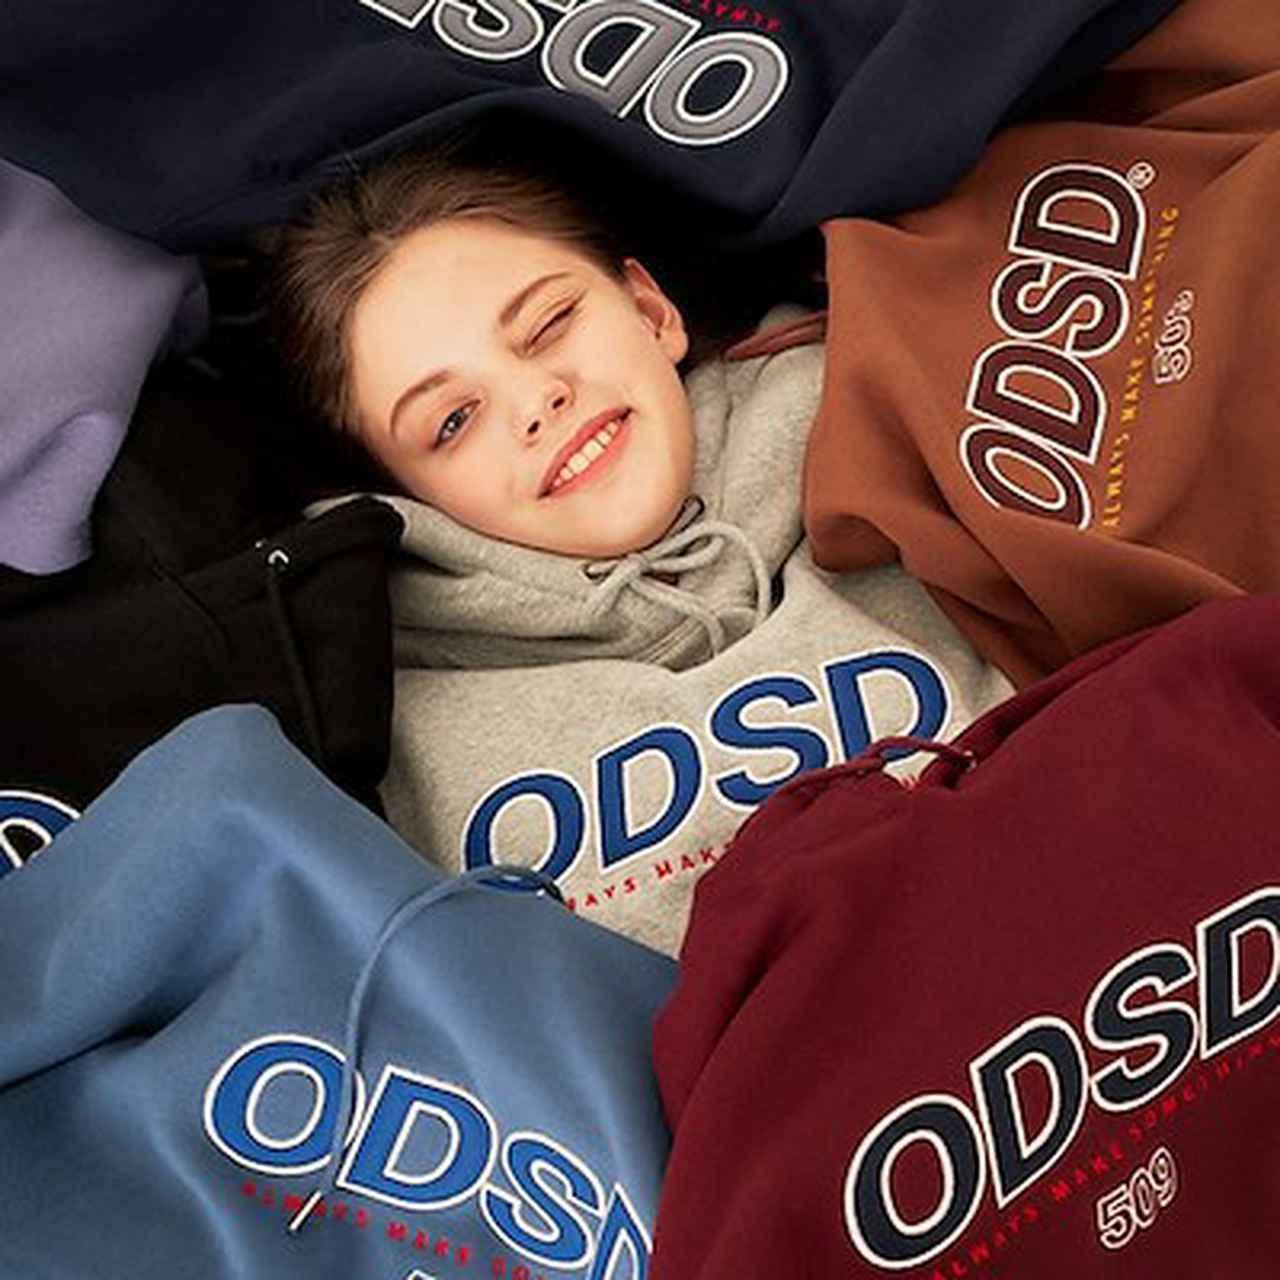 画像3: ODD STUDIO(オッドスタジオ)